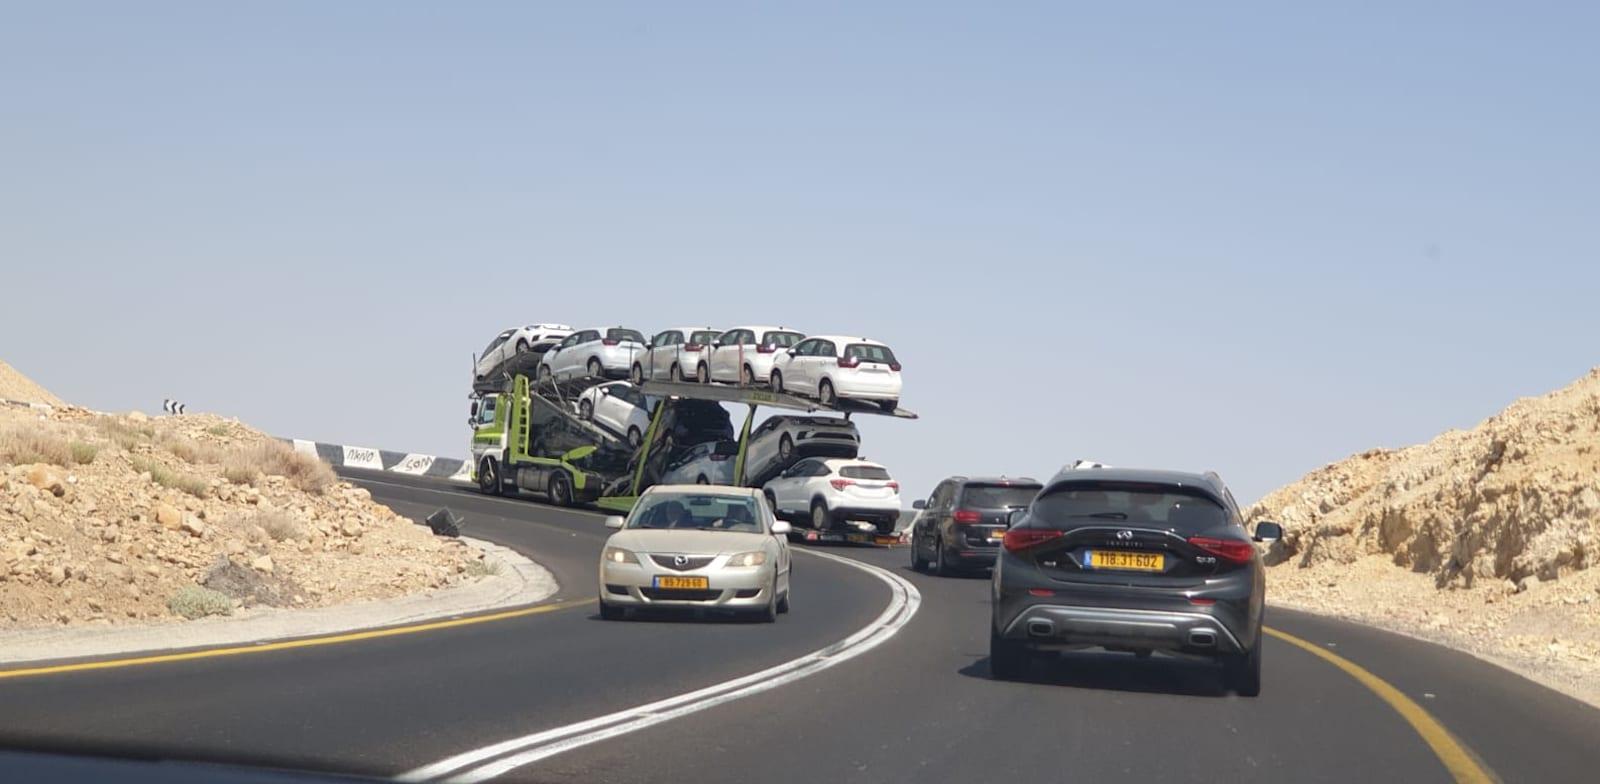 New car deliveries Photo: Bar El